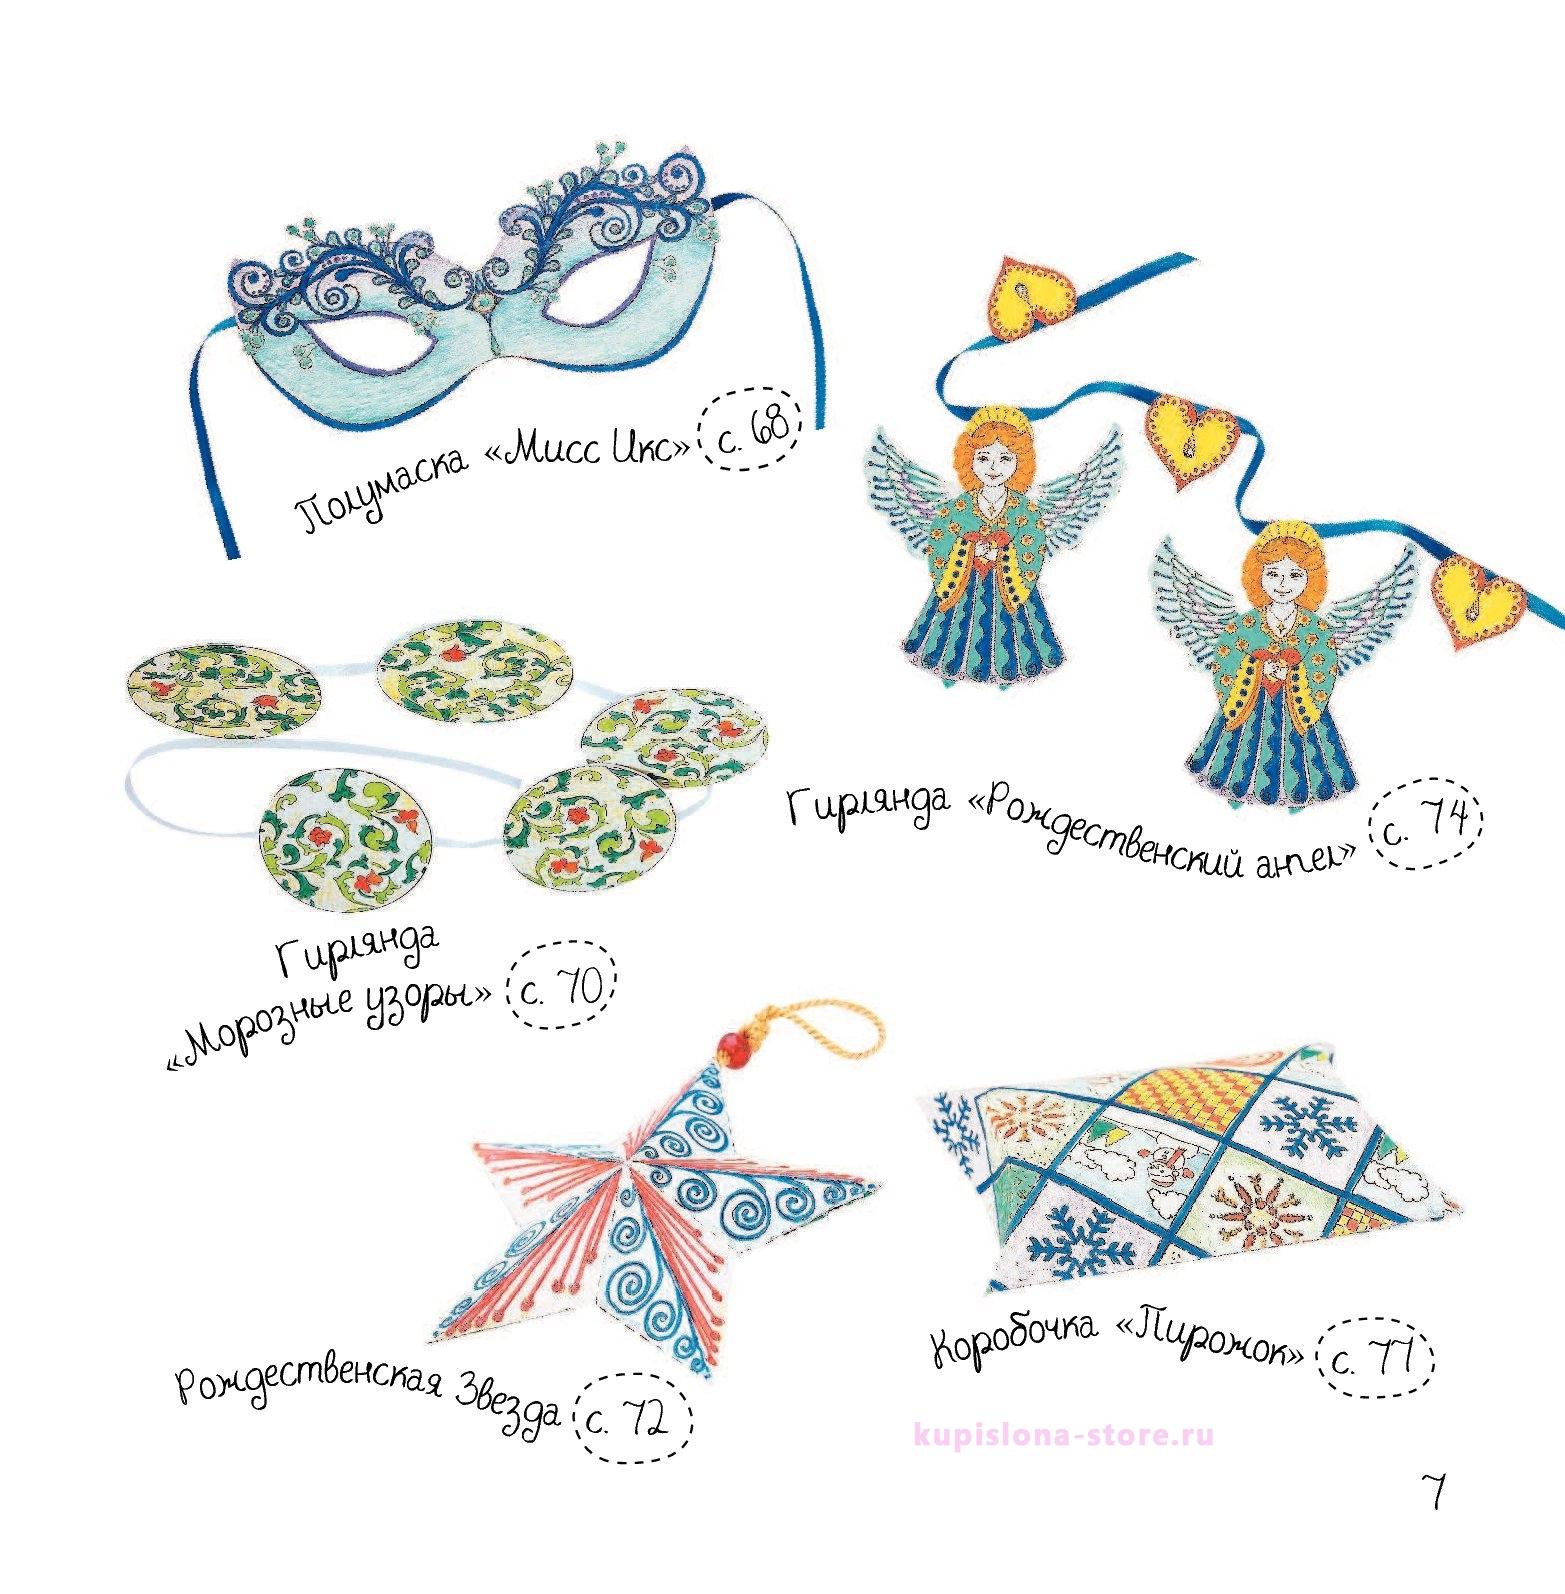 Волшебная зима. 3D-зендудлы к Новому году и Рождеству. Объемные украшения и подарки своими руками